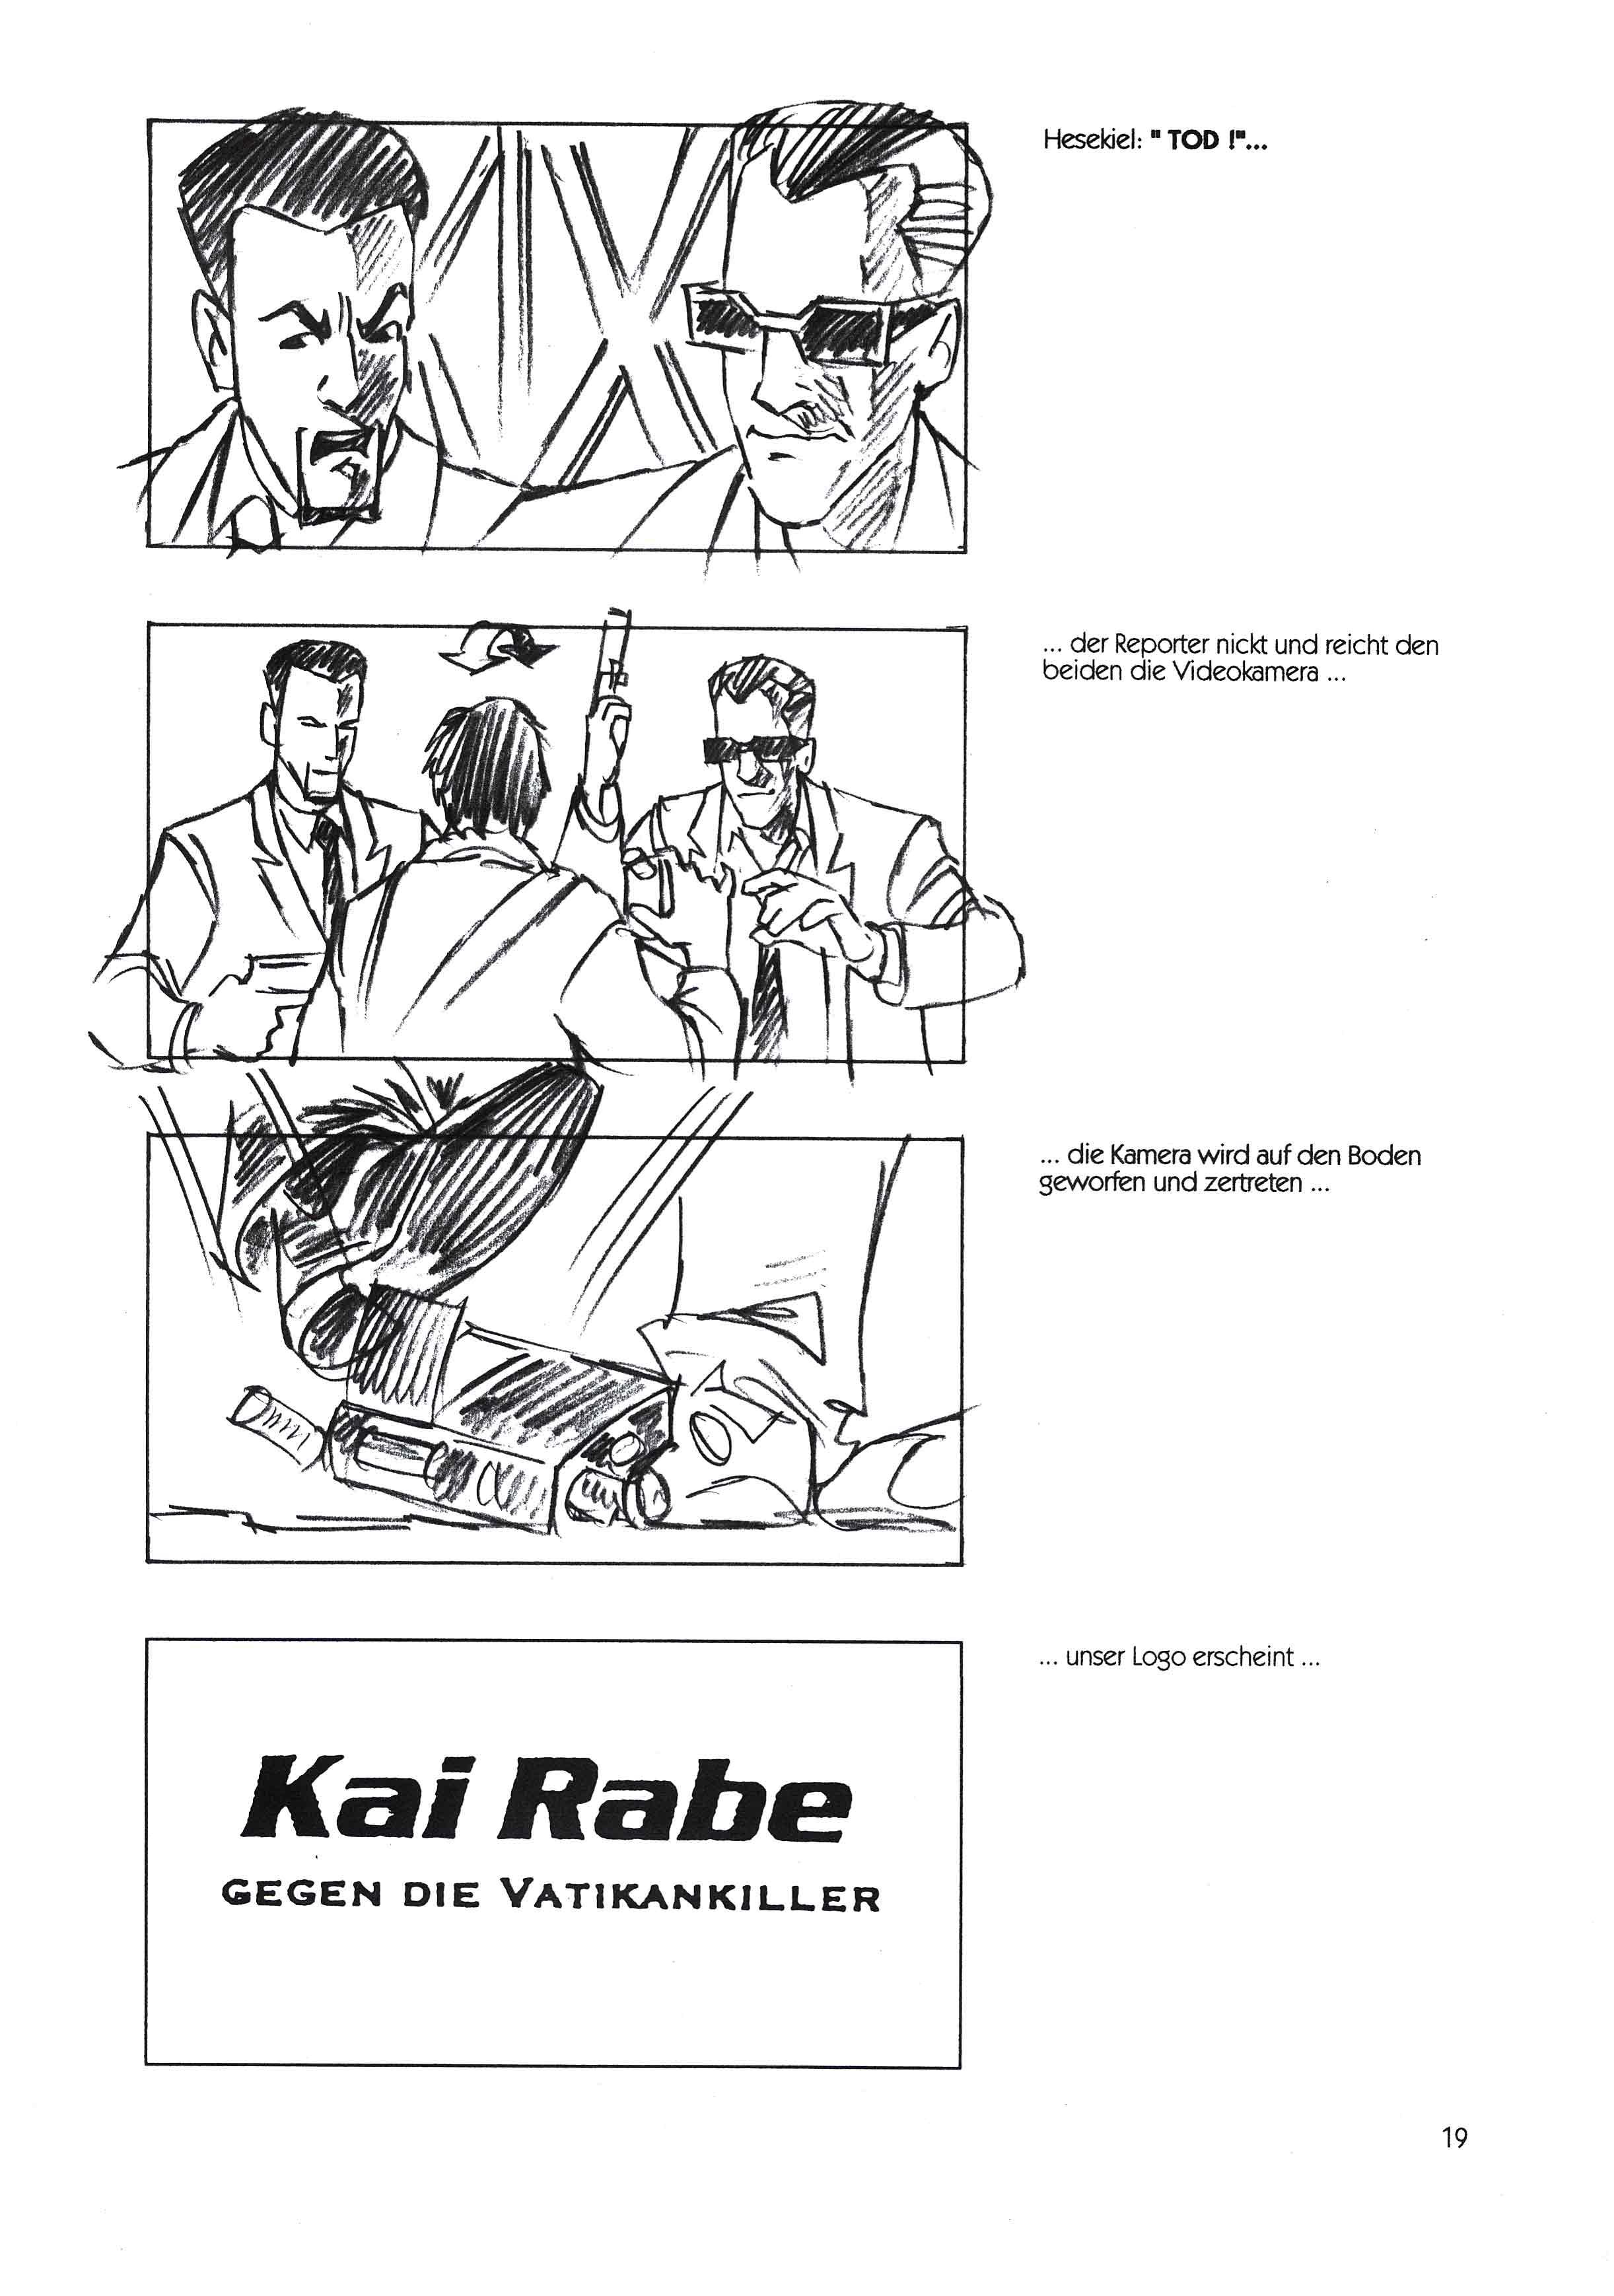 03kairabe-repo-04